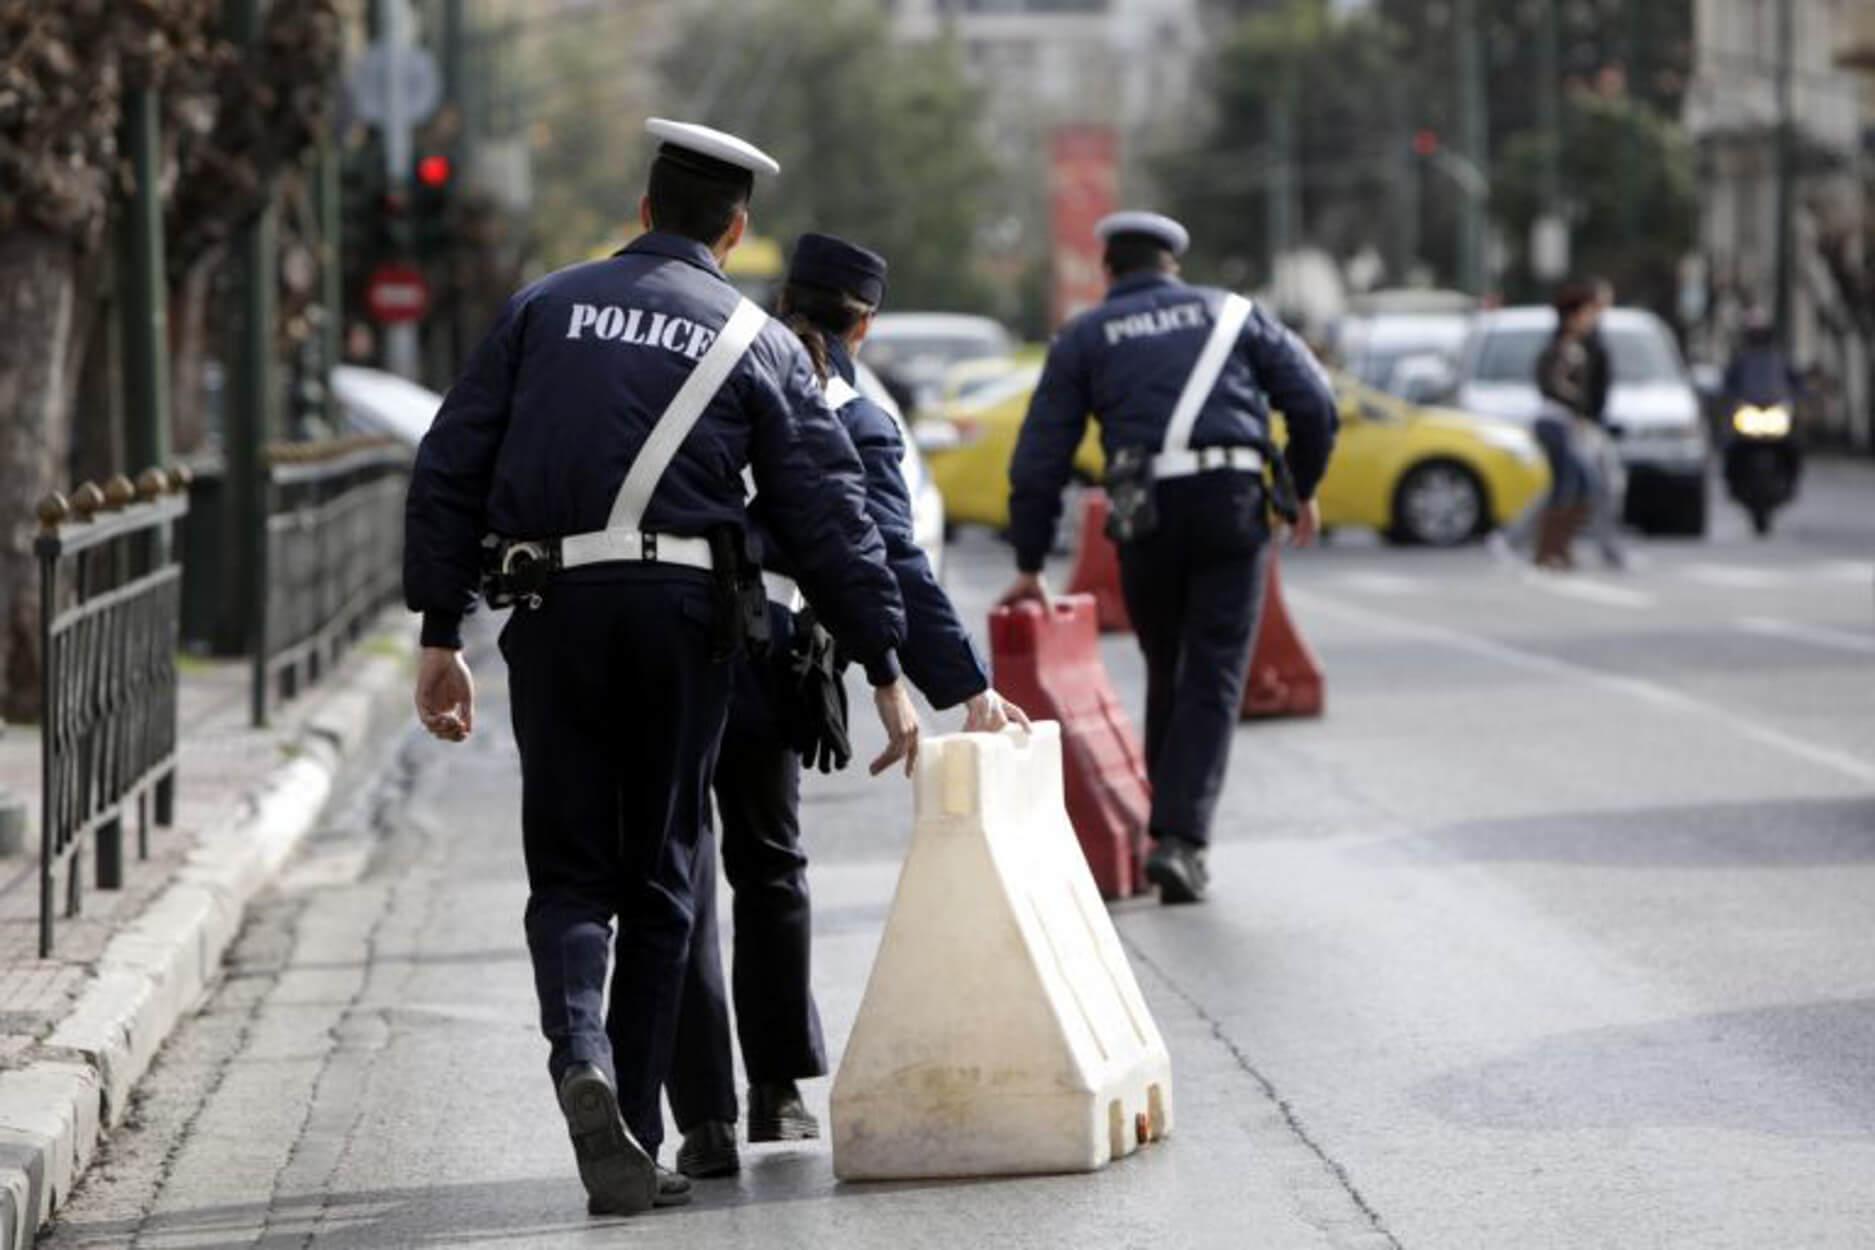 Κυκλοφοριακές ρυθμίσεις στην Αθήνα - Ποιοι δρόμοι θα είναι κλειστοί